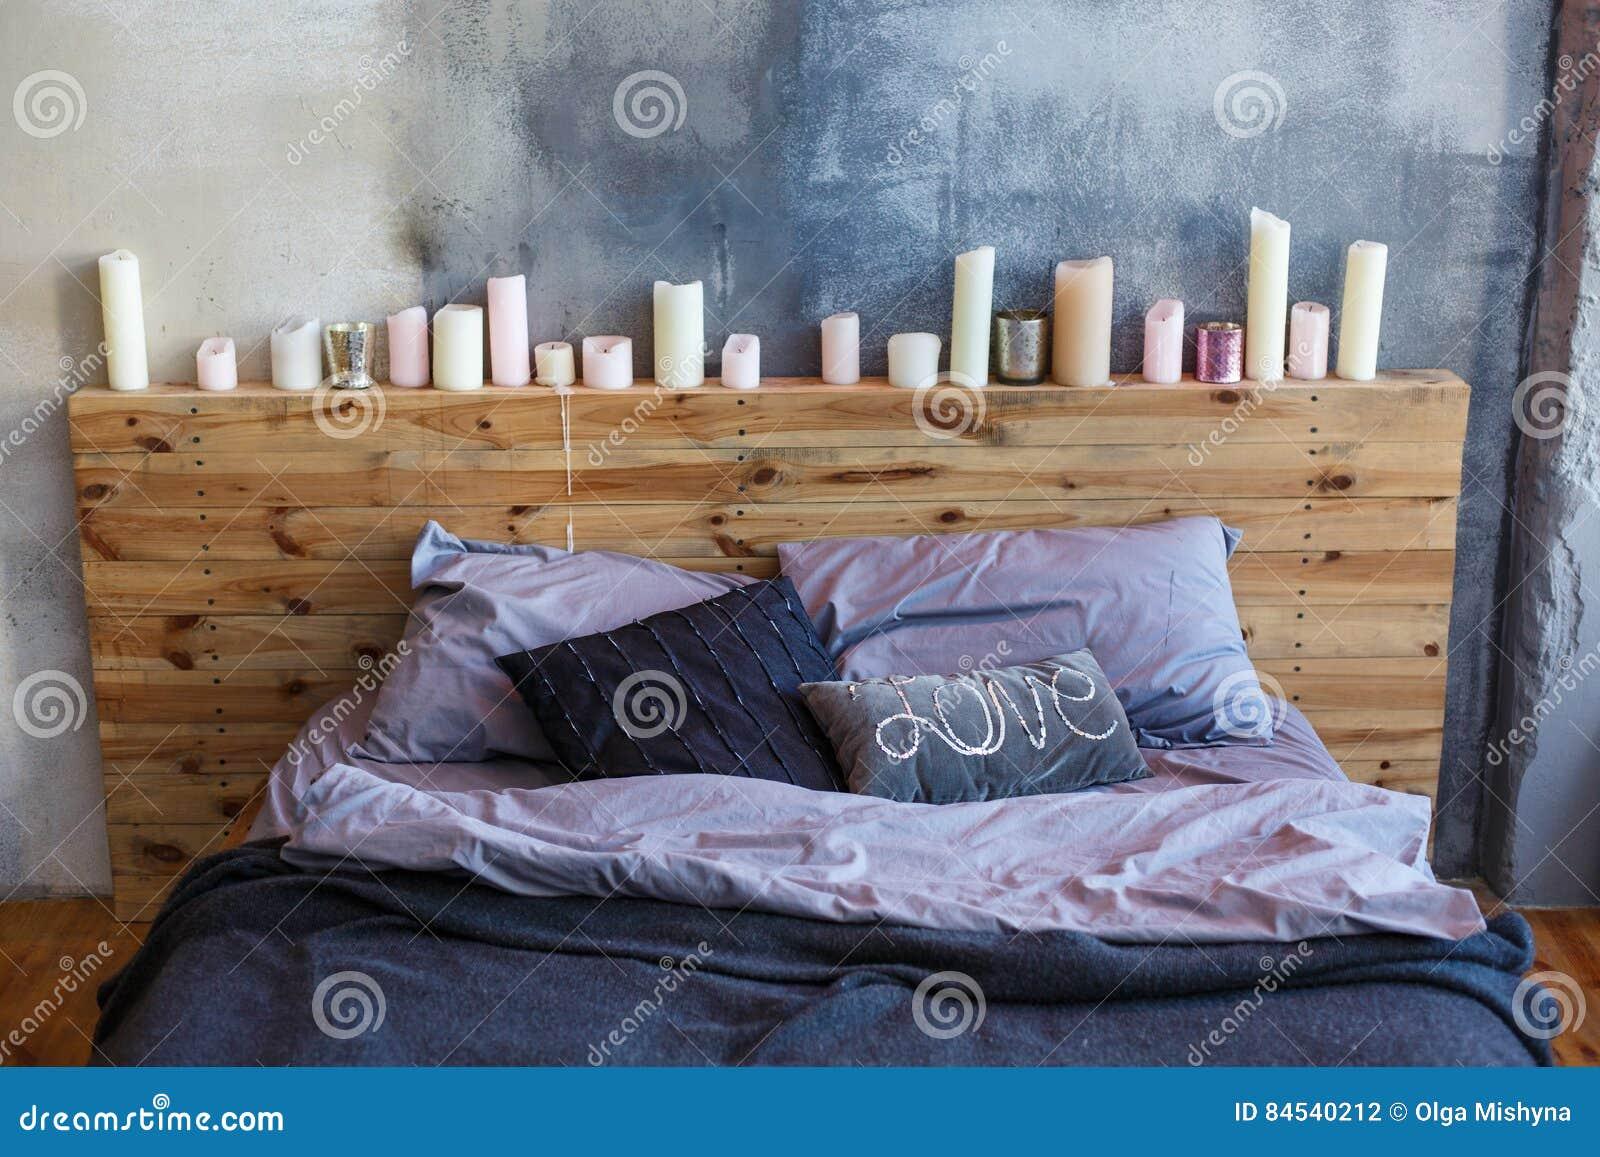 Grijze Slaapkamer Lamp : Modieuze slaapkamer in zolderstijl met grijze kleuren en vele